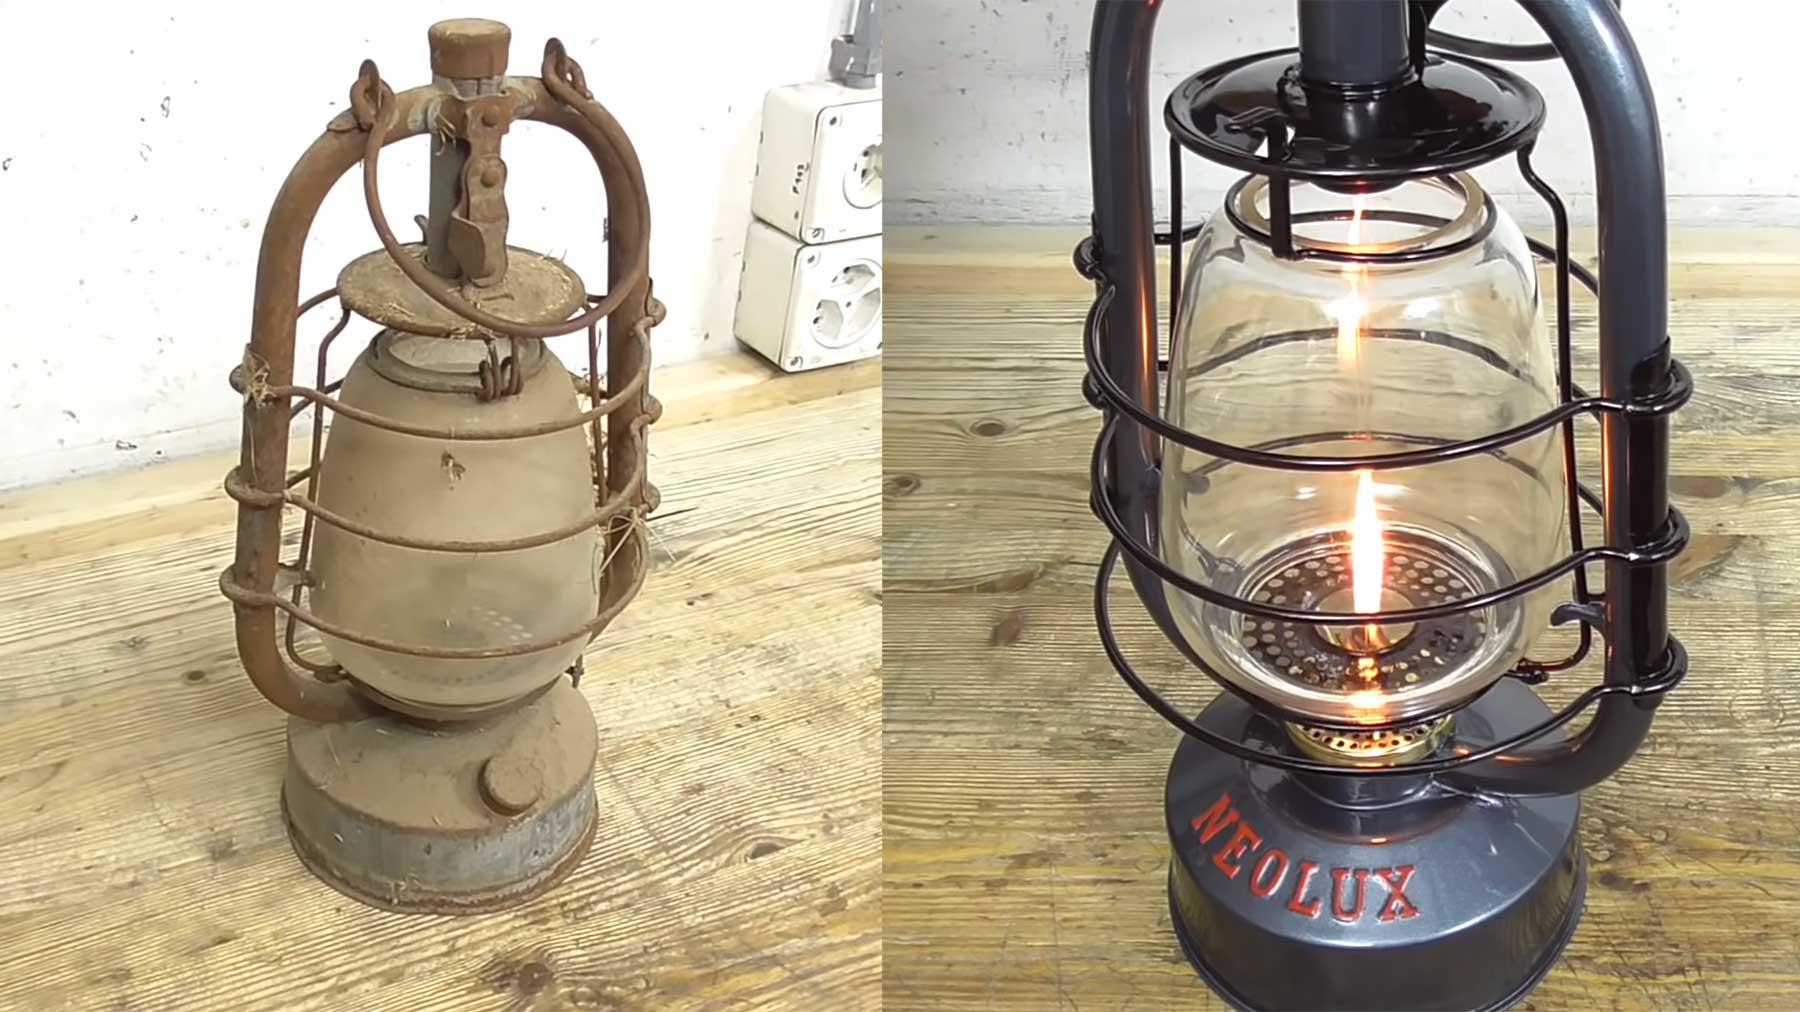 Restauration einer alten Öllampe alte-oellampe-restaurieren